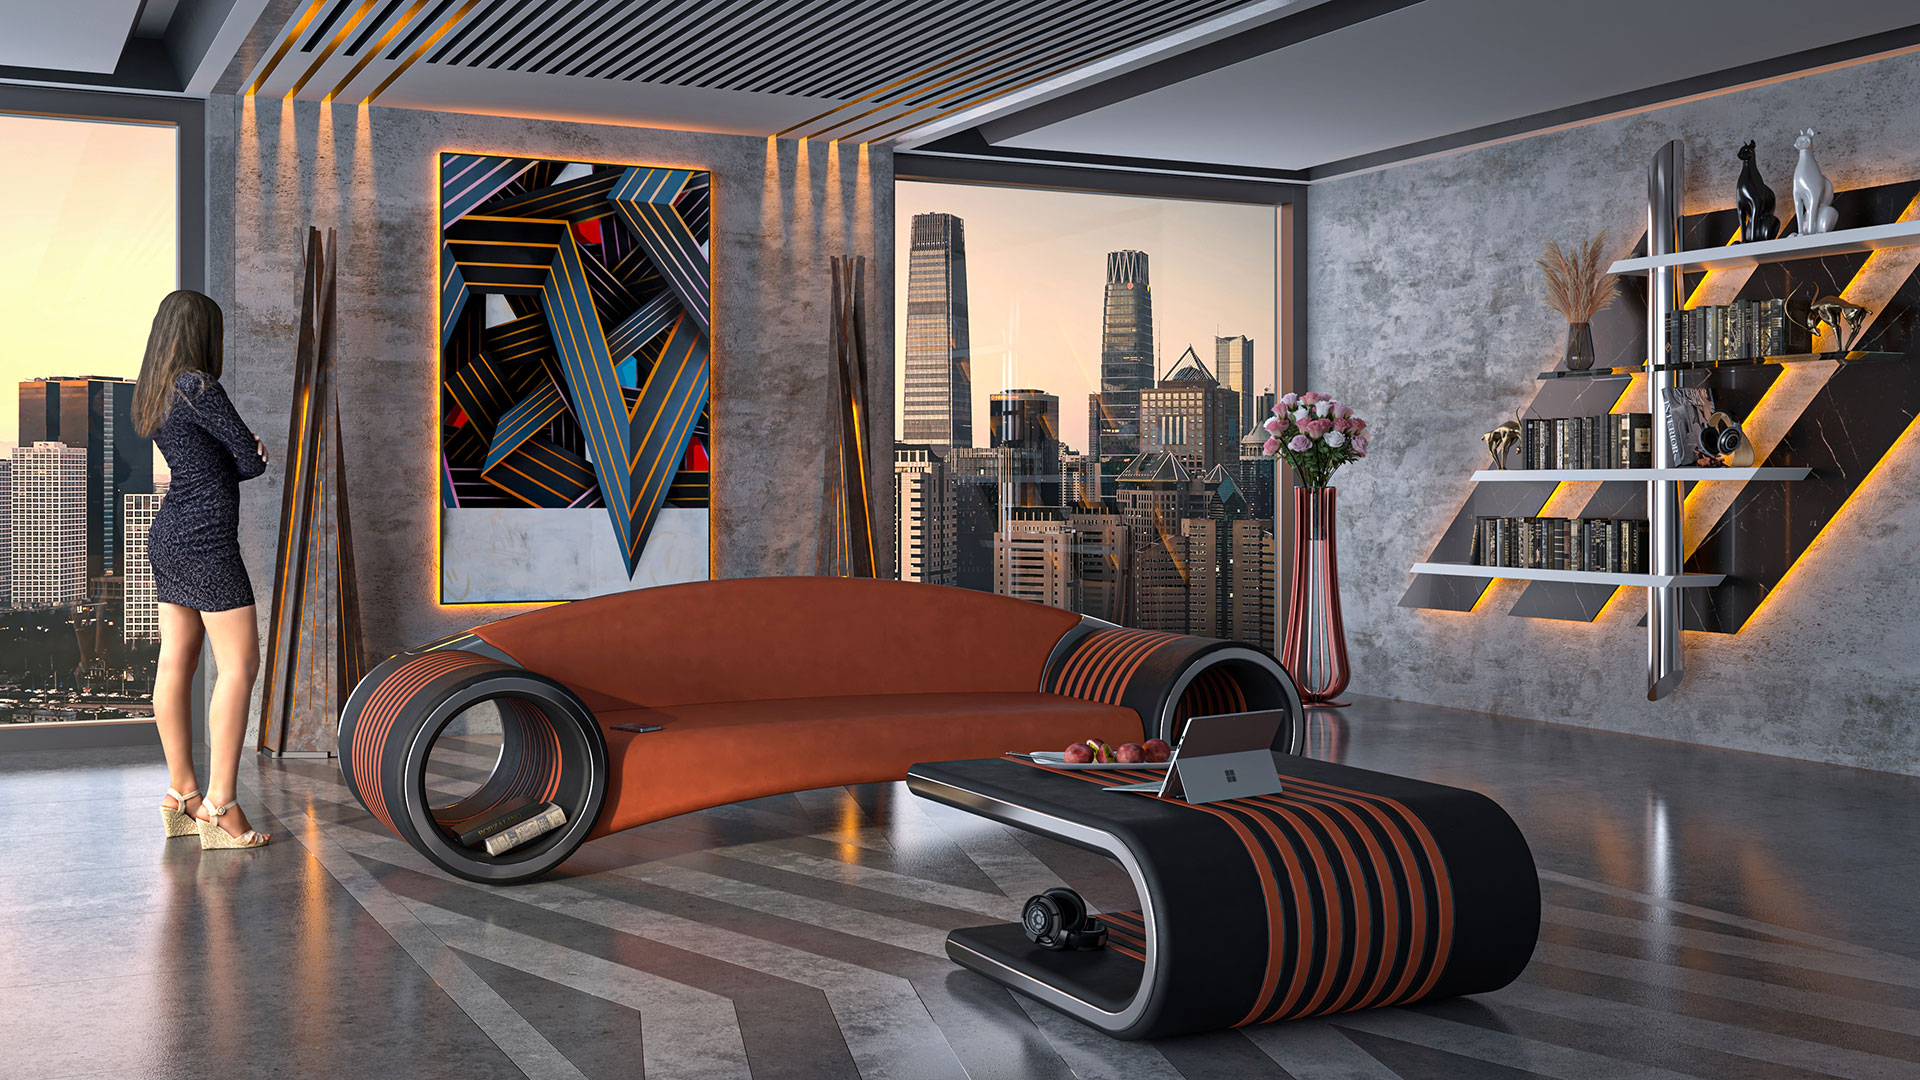 Interior design by Adam Edward